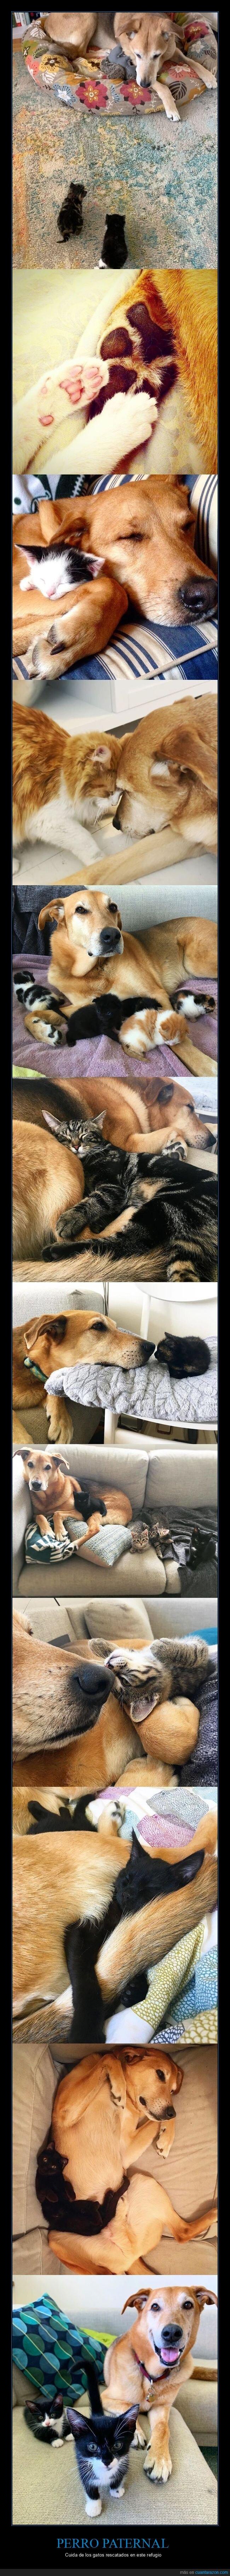 cuidar,gatos,perro,refugio